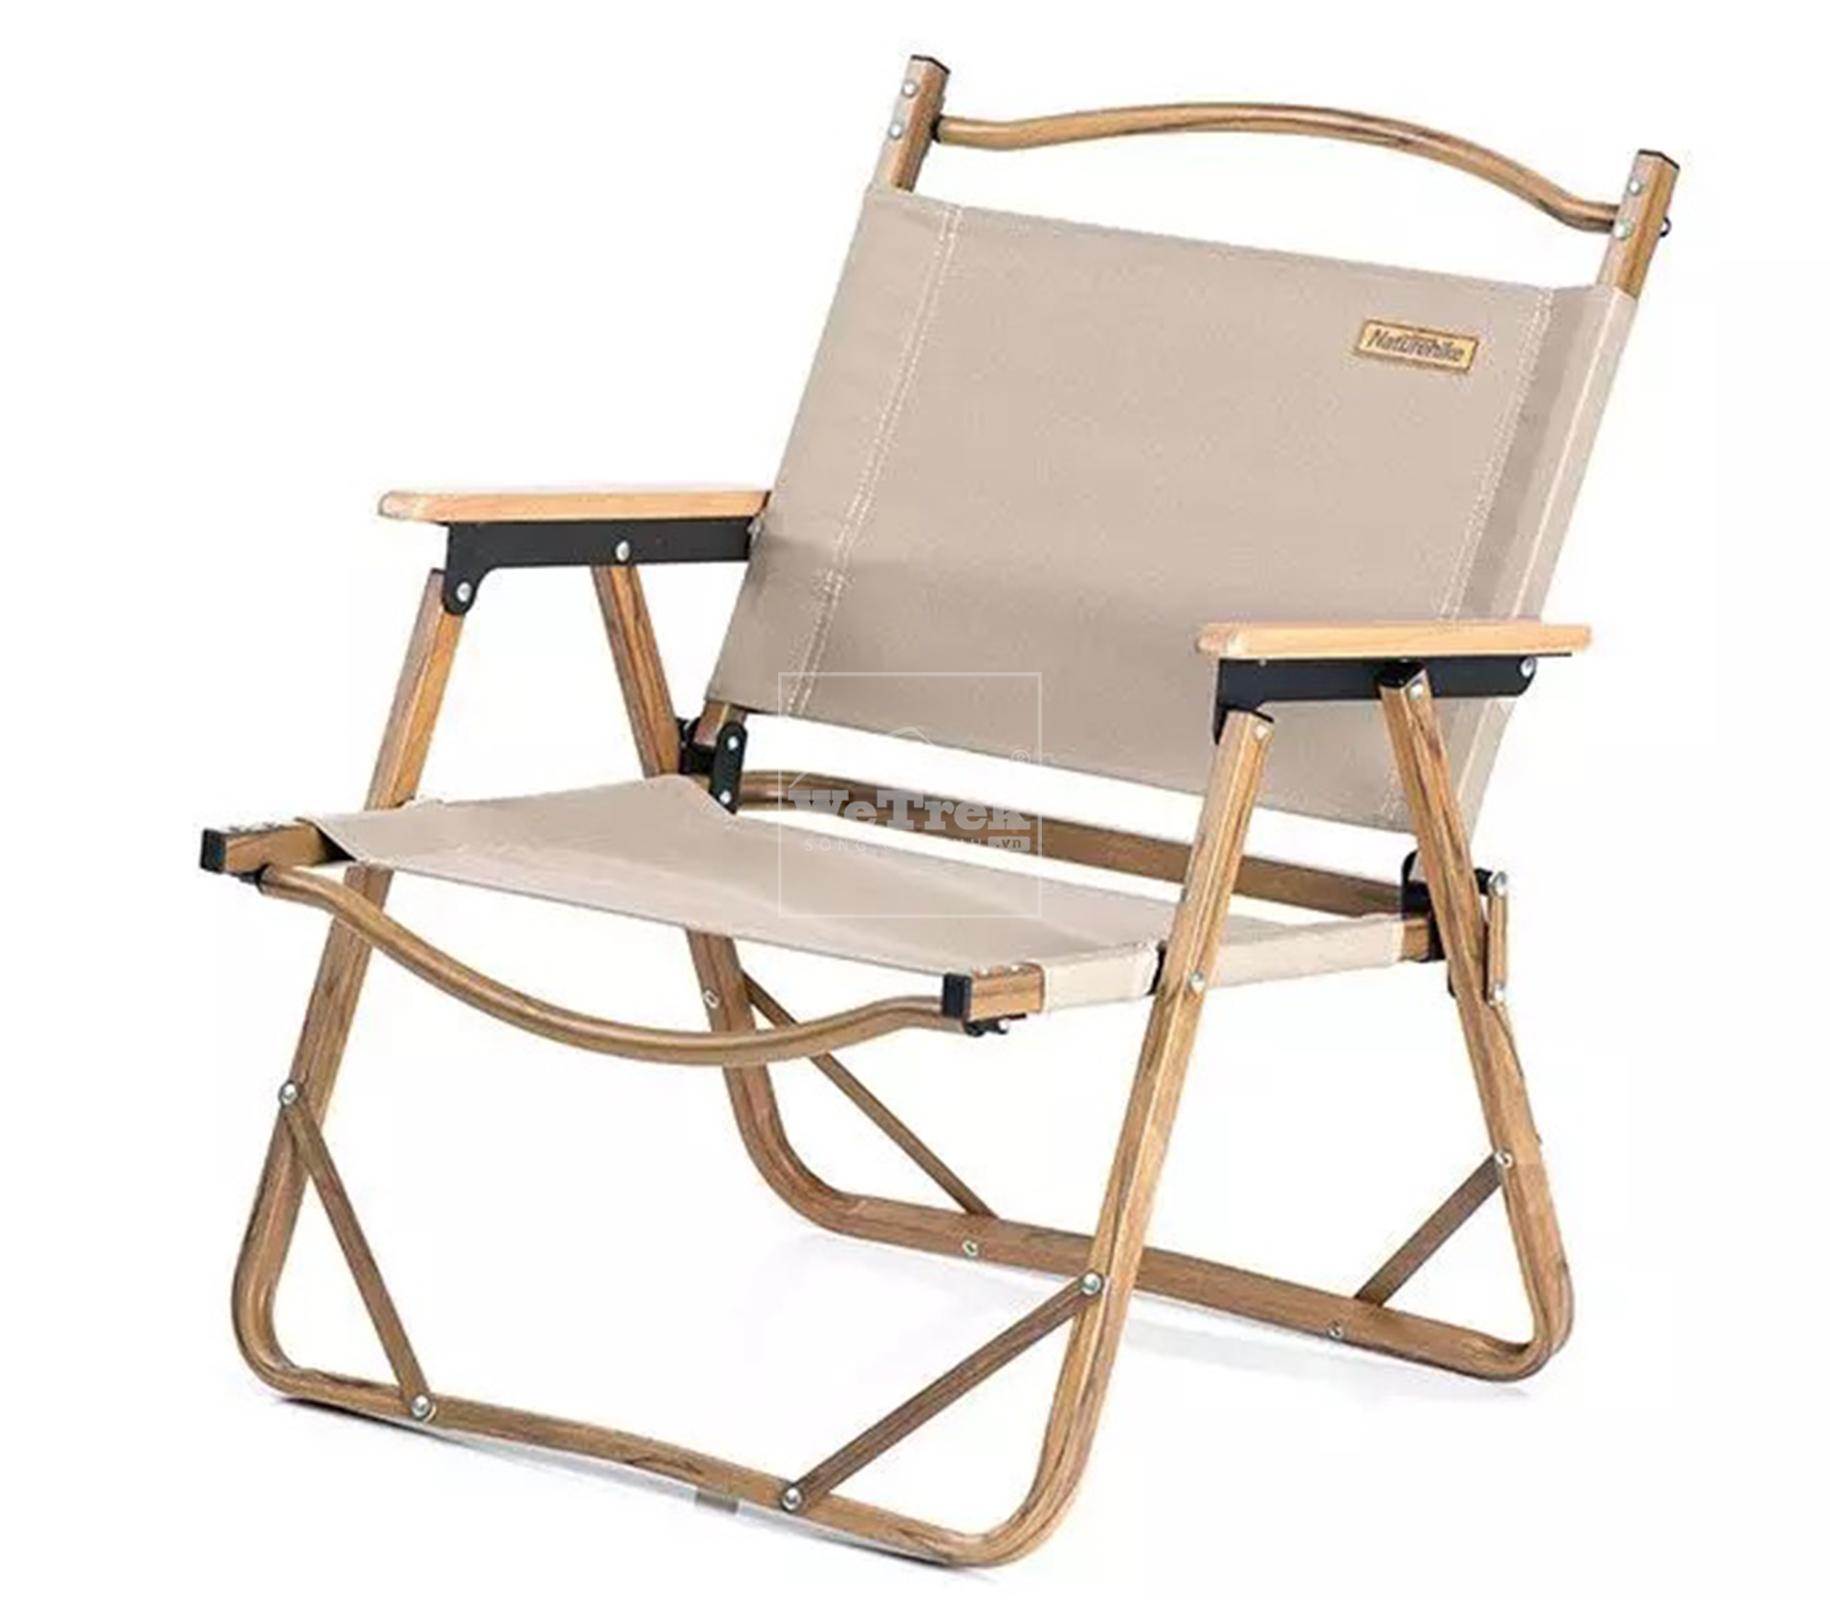 Ghế xếp có tựa lưng khung vân gỗ Naturehike Portable Outdoor Folding Chair NH19Y002-D - 9520